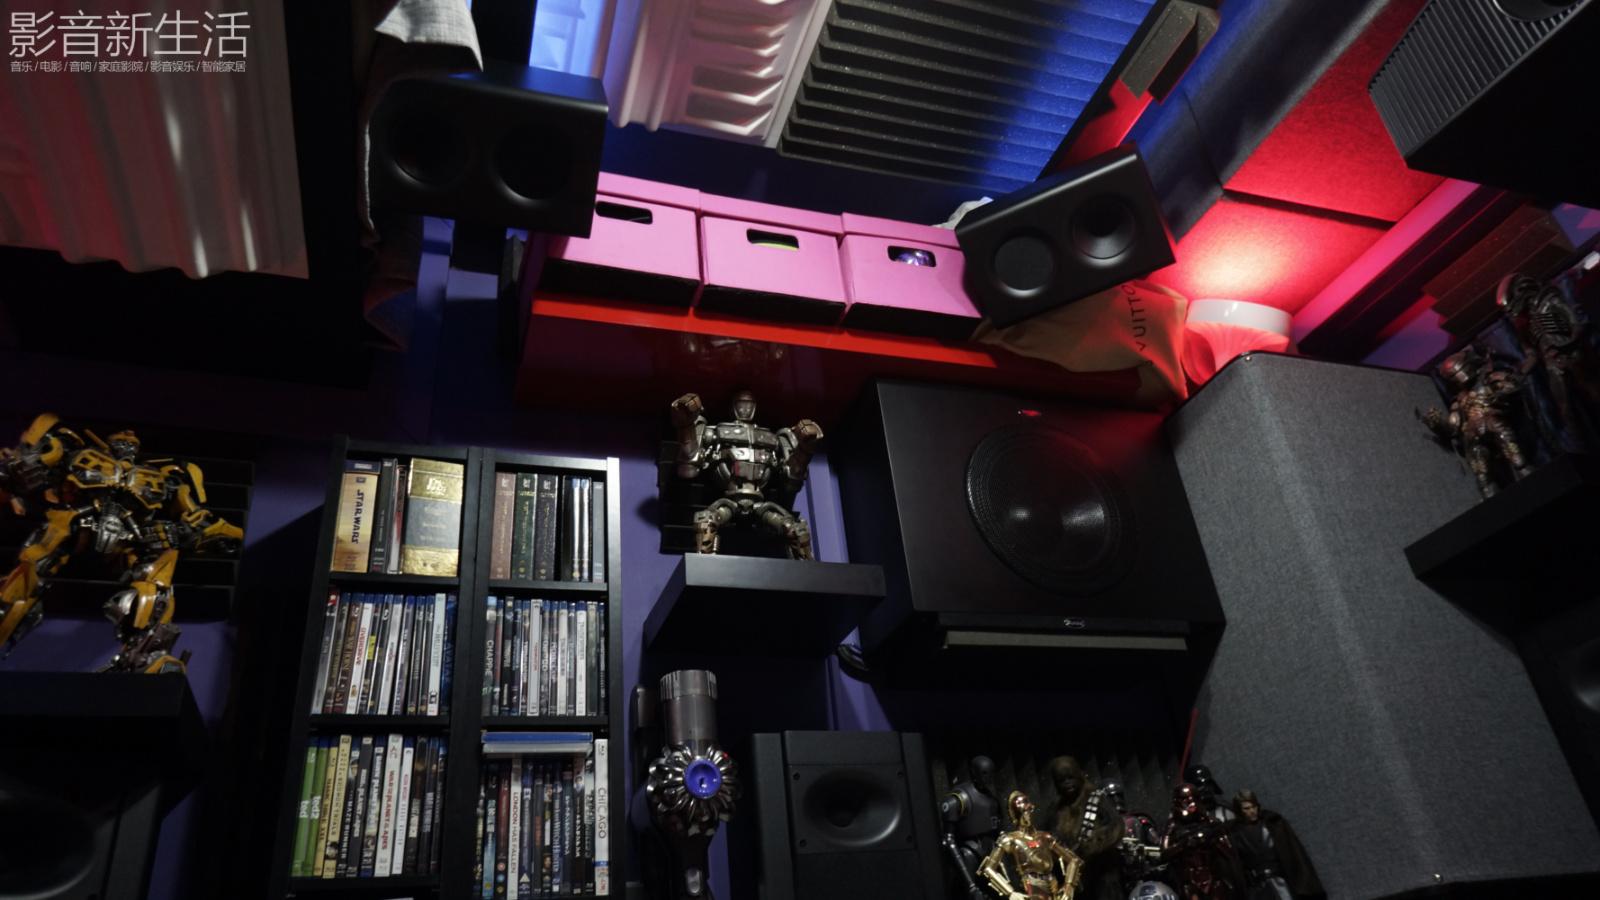 家访 | 超级迷你私人影院,叹为观止的3D环绕声体验!10平方的11.6.10声道家庭影院系统!